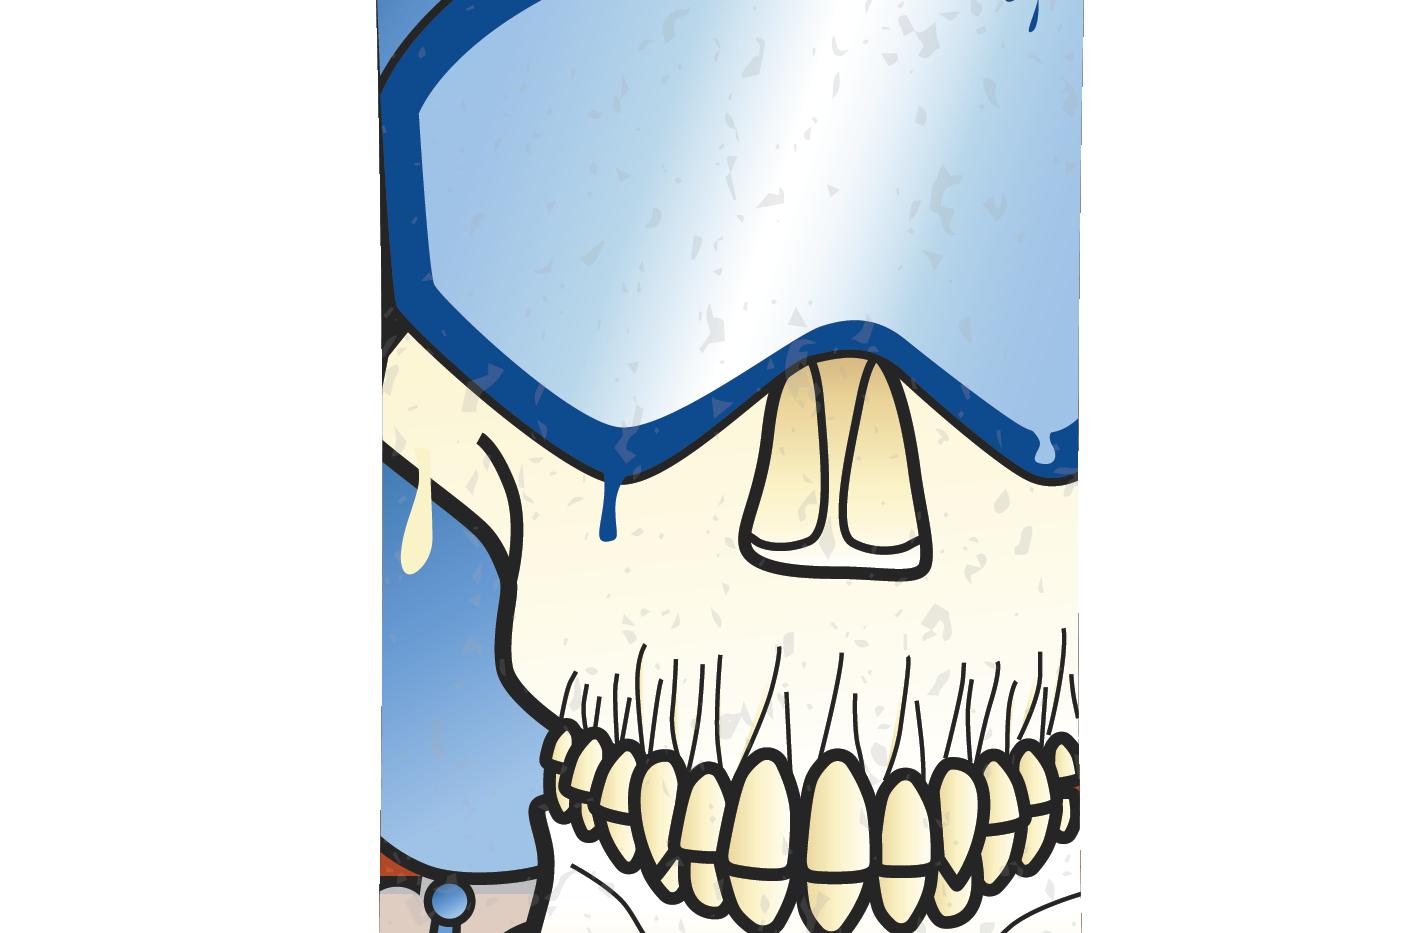 SkeletonSnowboard-01.png